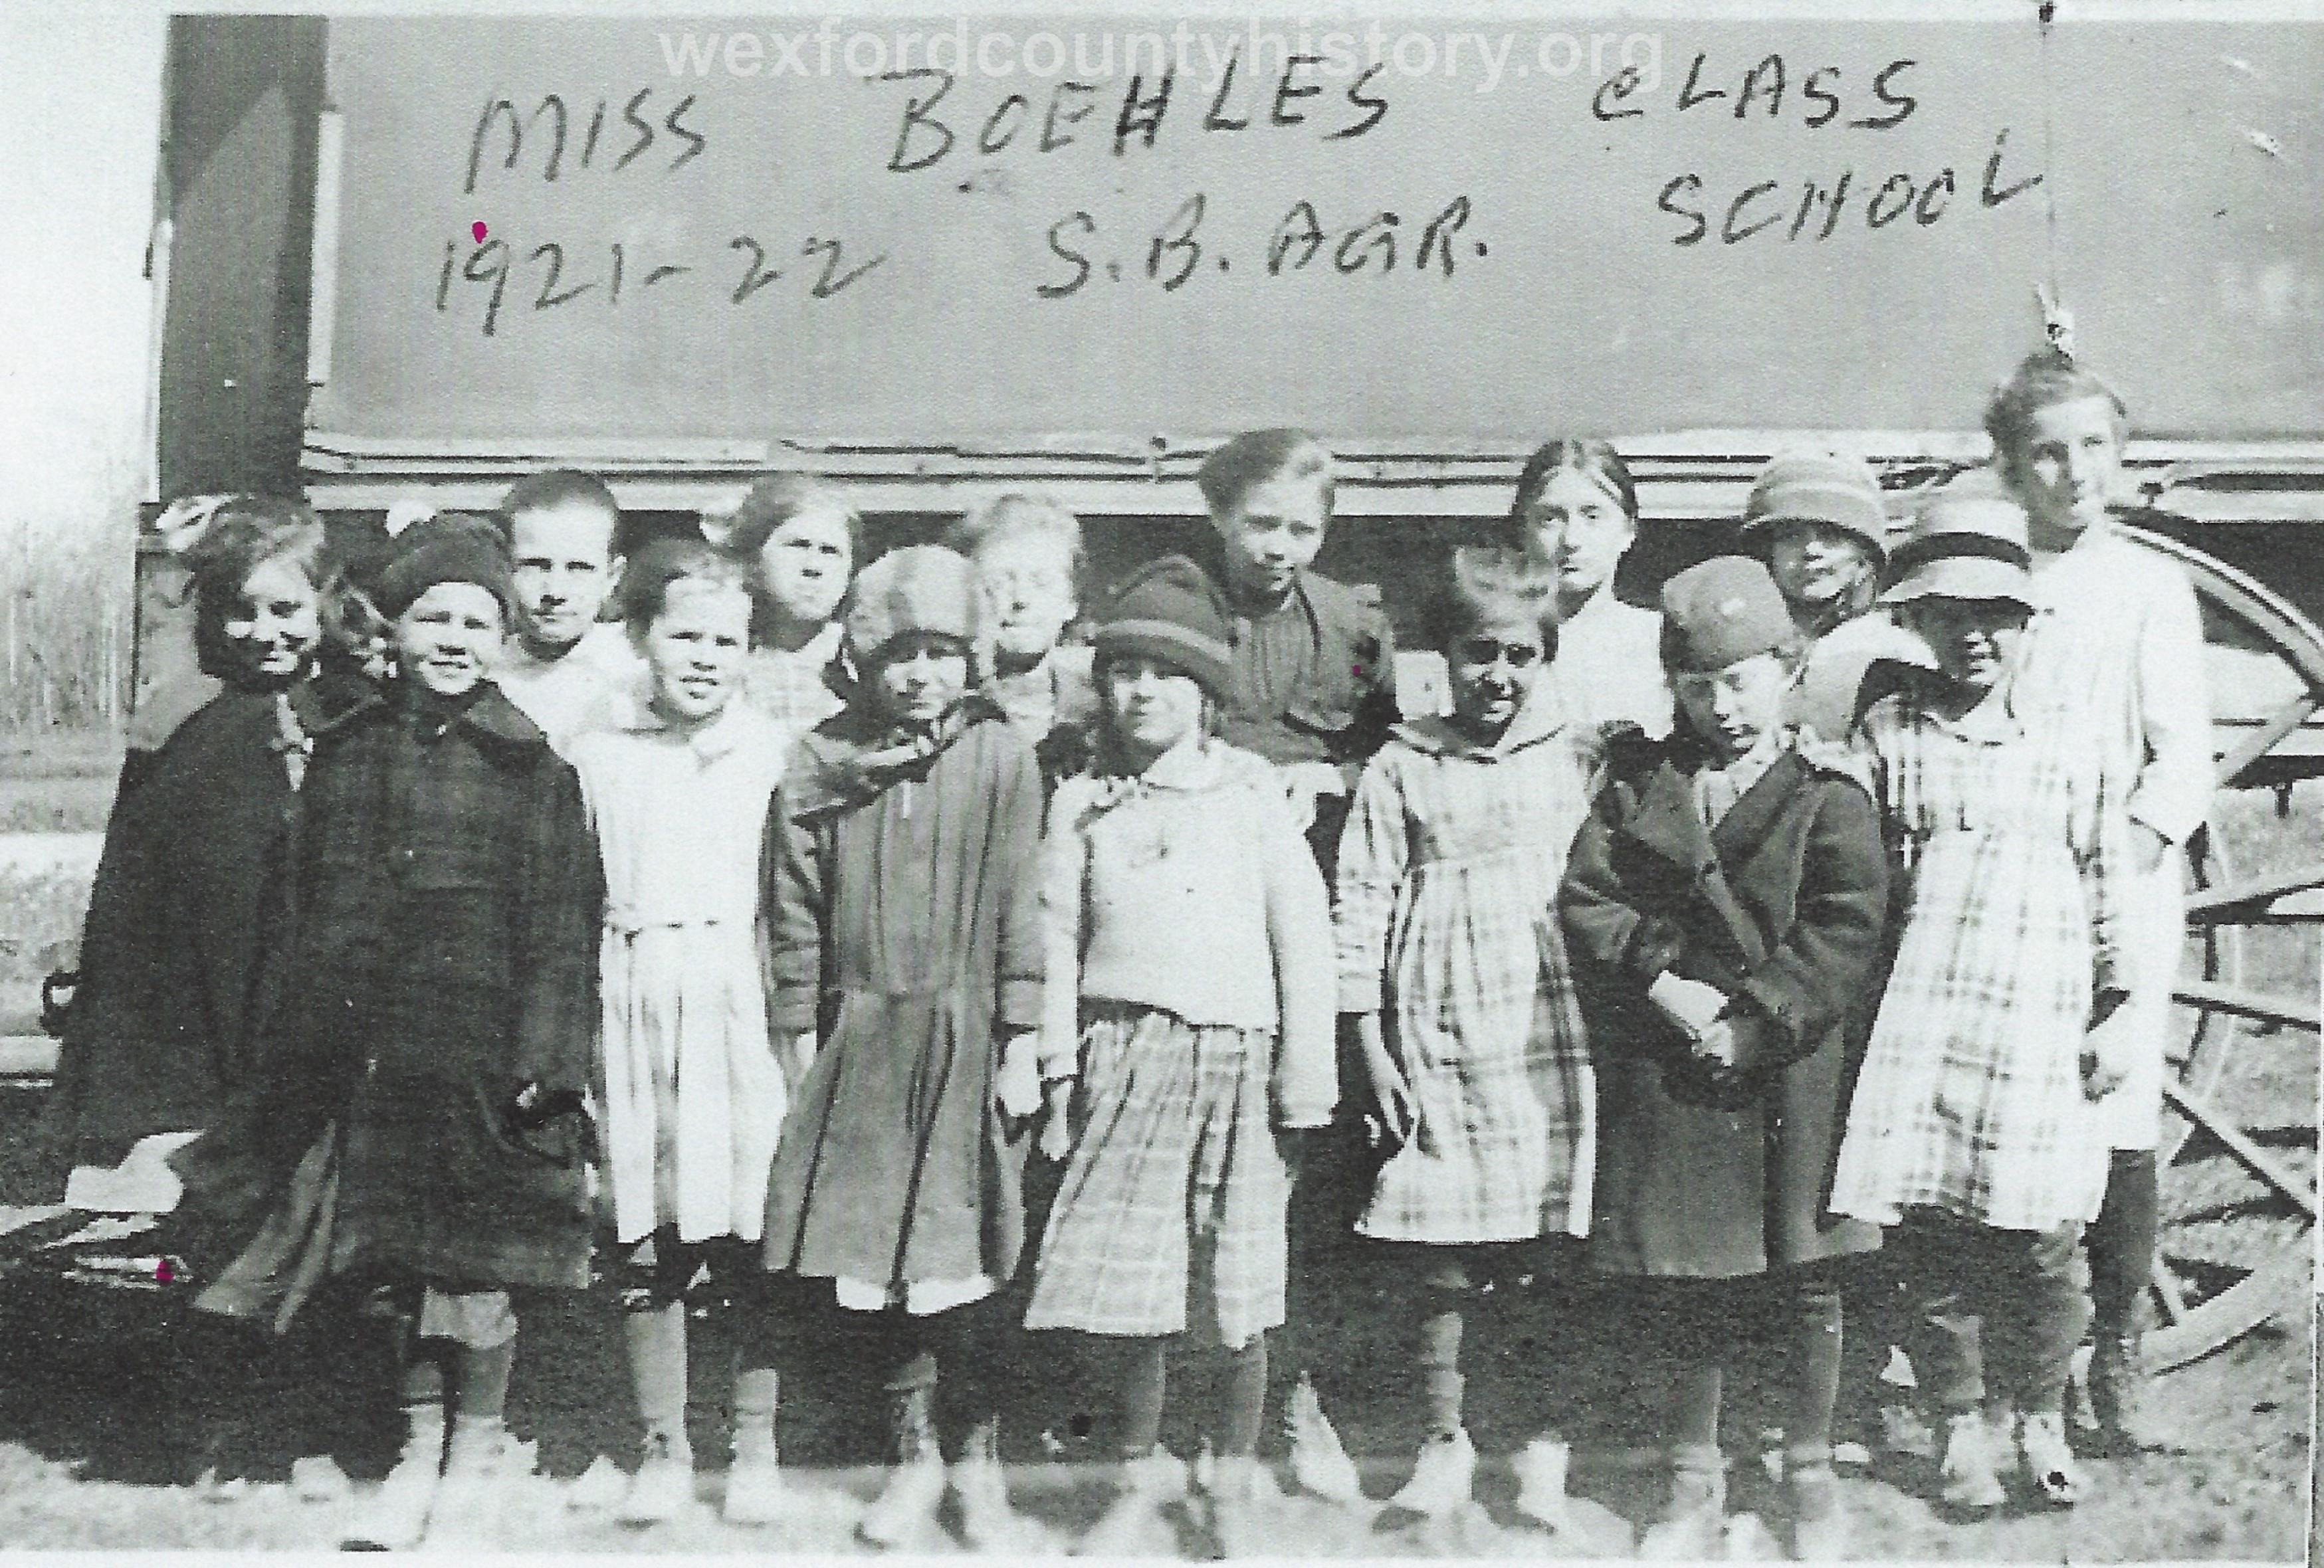 South Branch School